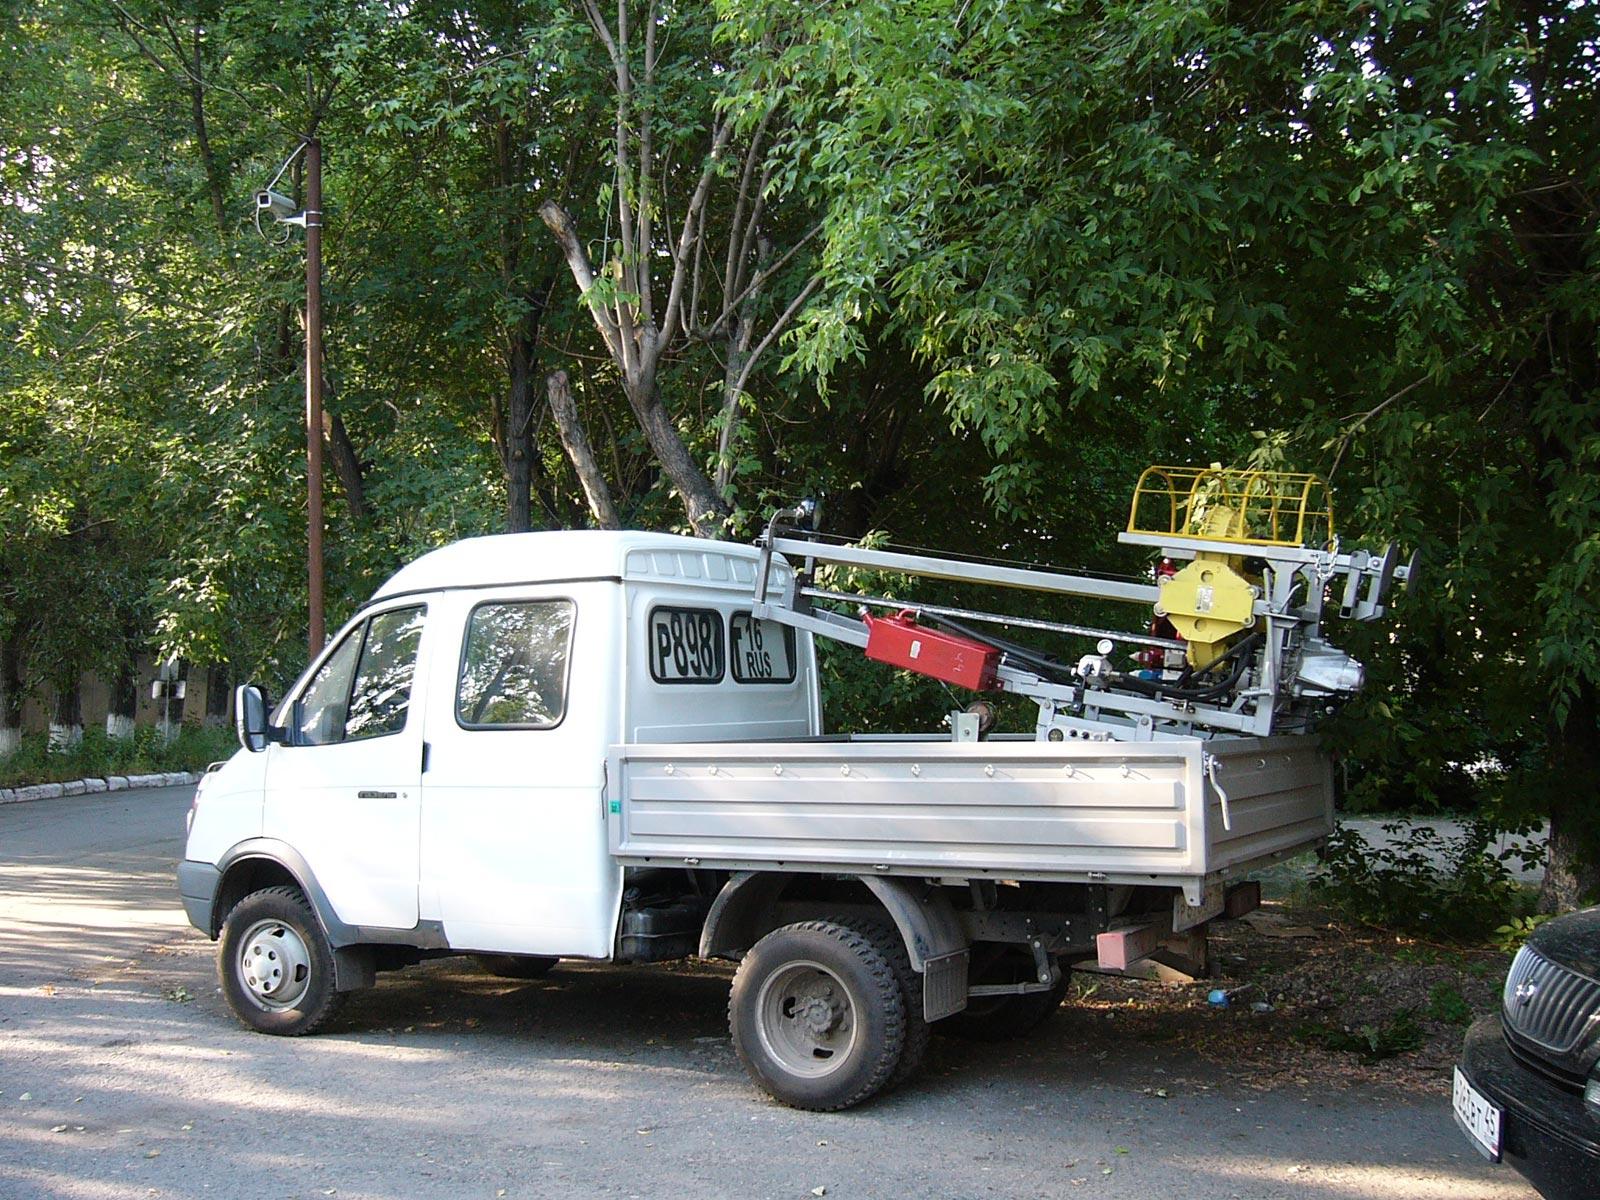 Установка буровая шнековая малогабаритная УБШМ-1-20 на базе ГАЗ ГАЗель Фермер